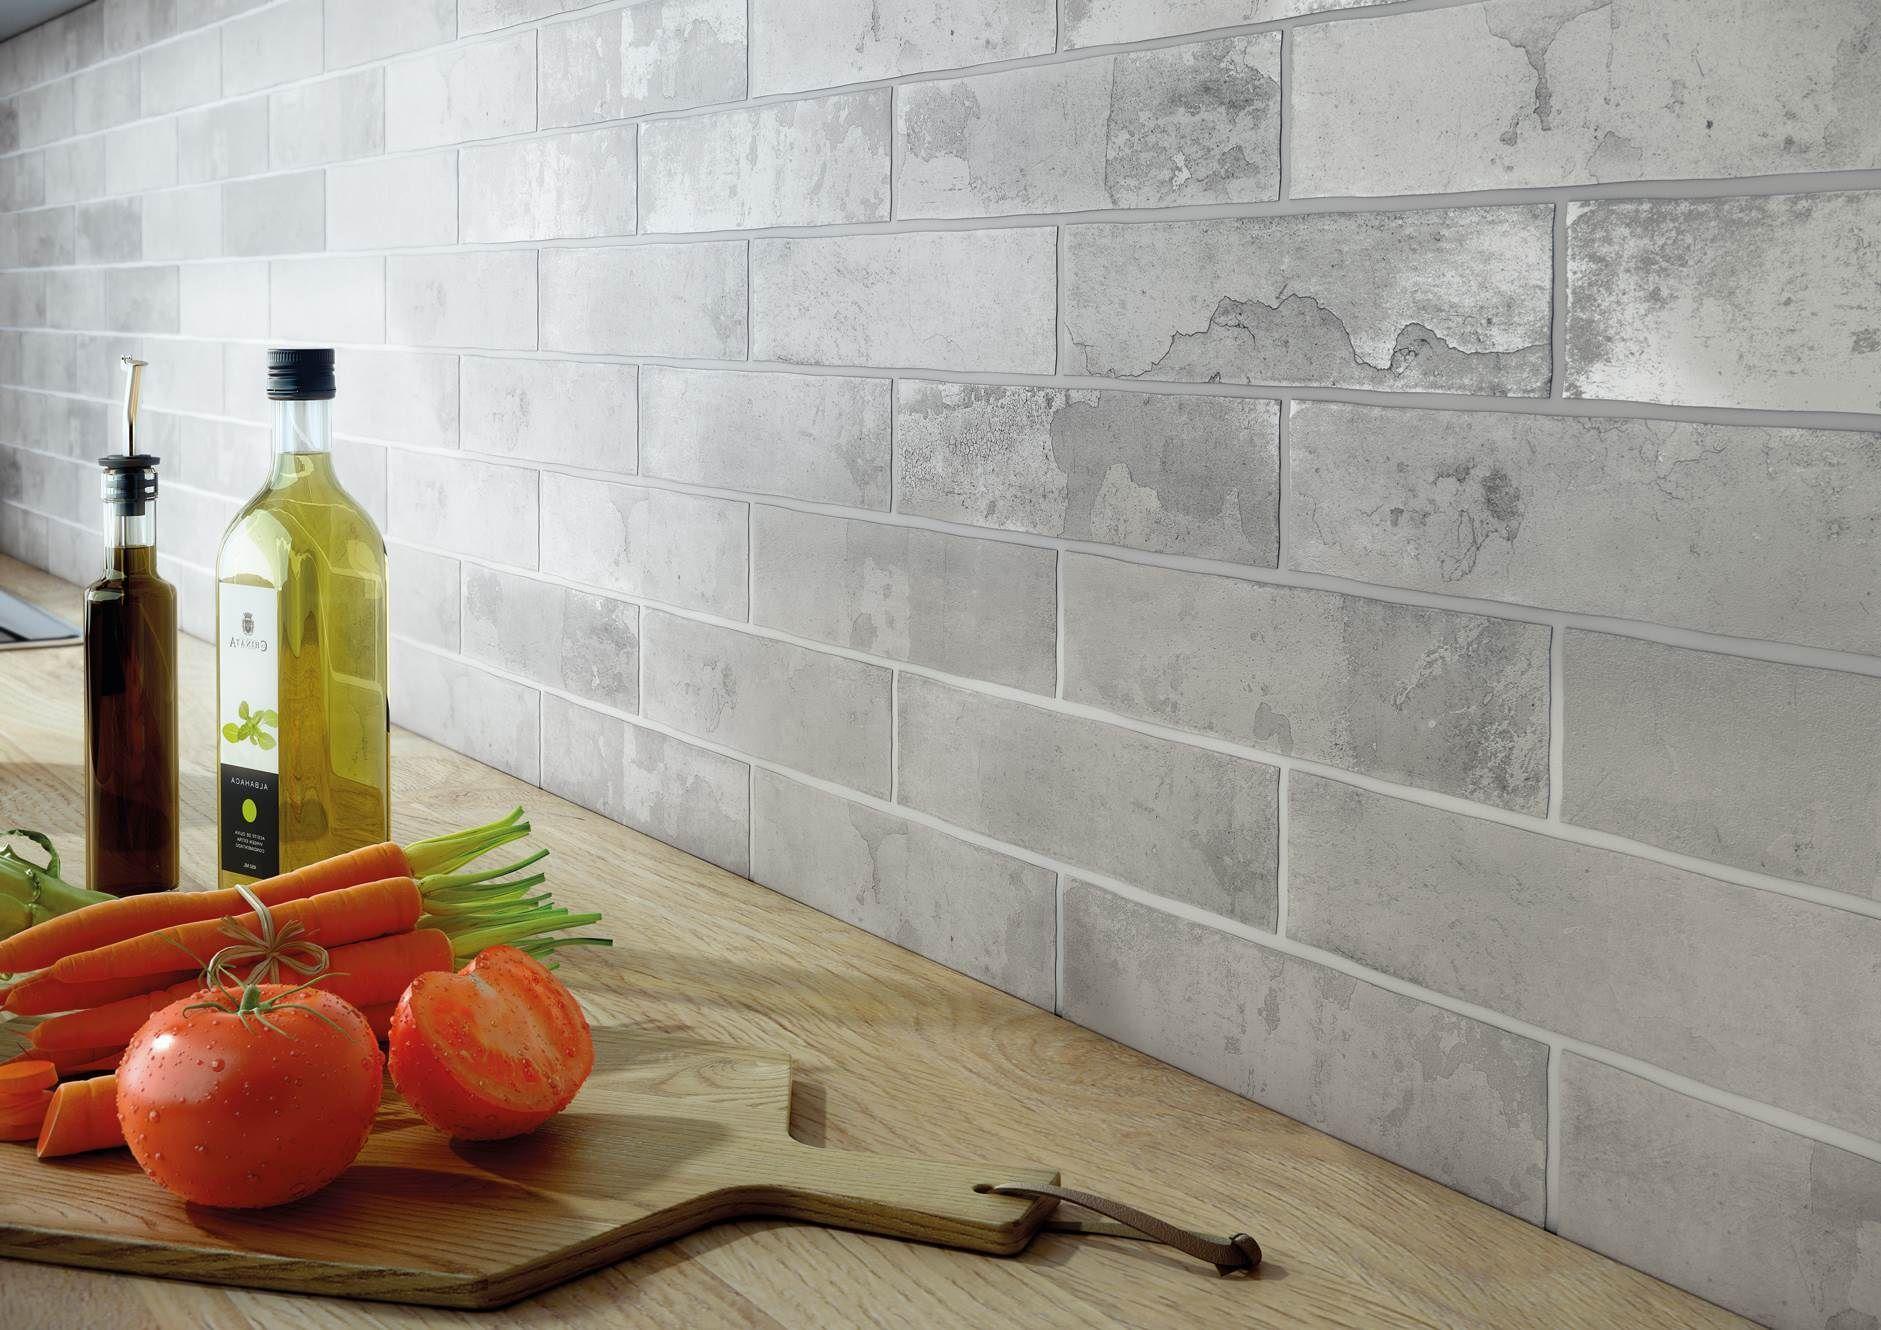 Revestimiento para las paredes de la cocina ideatuhogar para la cocina pinterest - Revestimientos de paredes de cocina ...